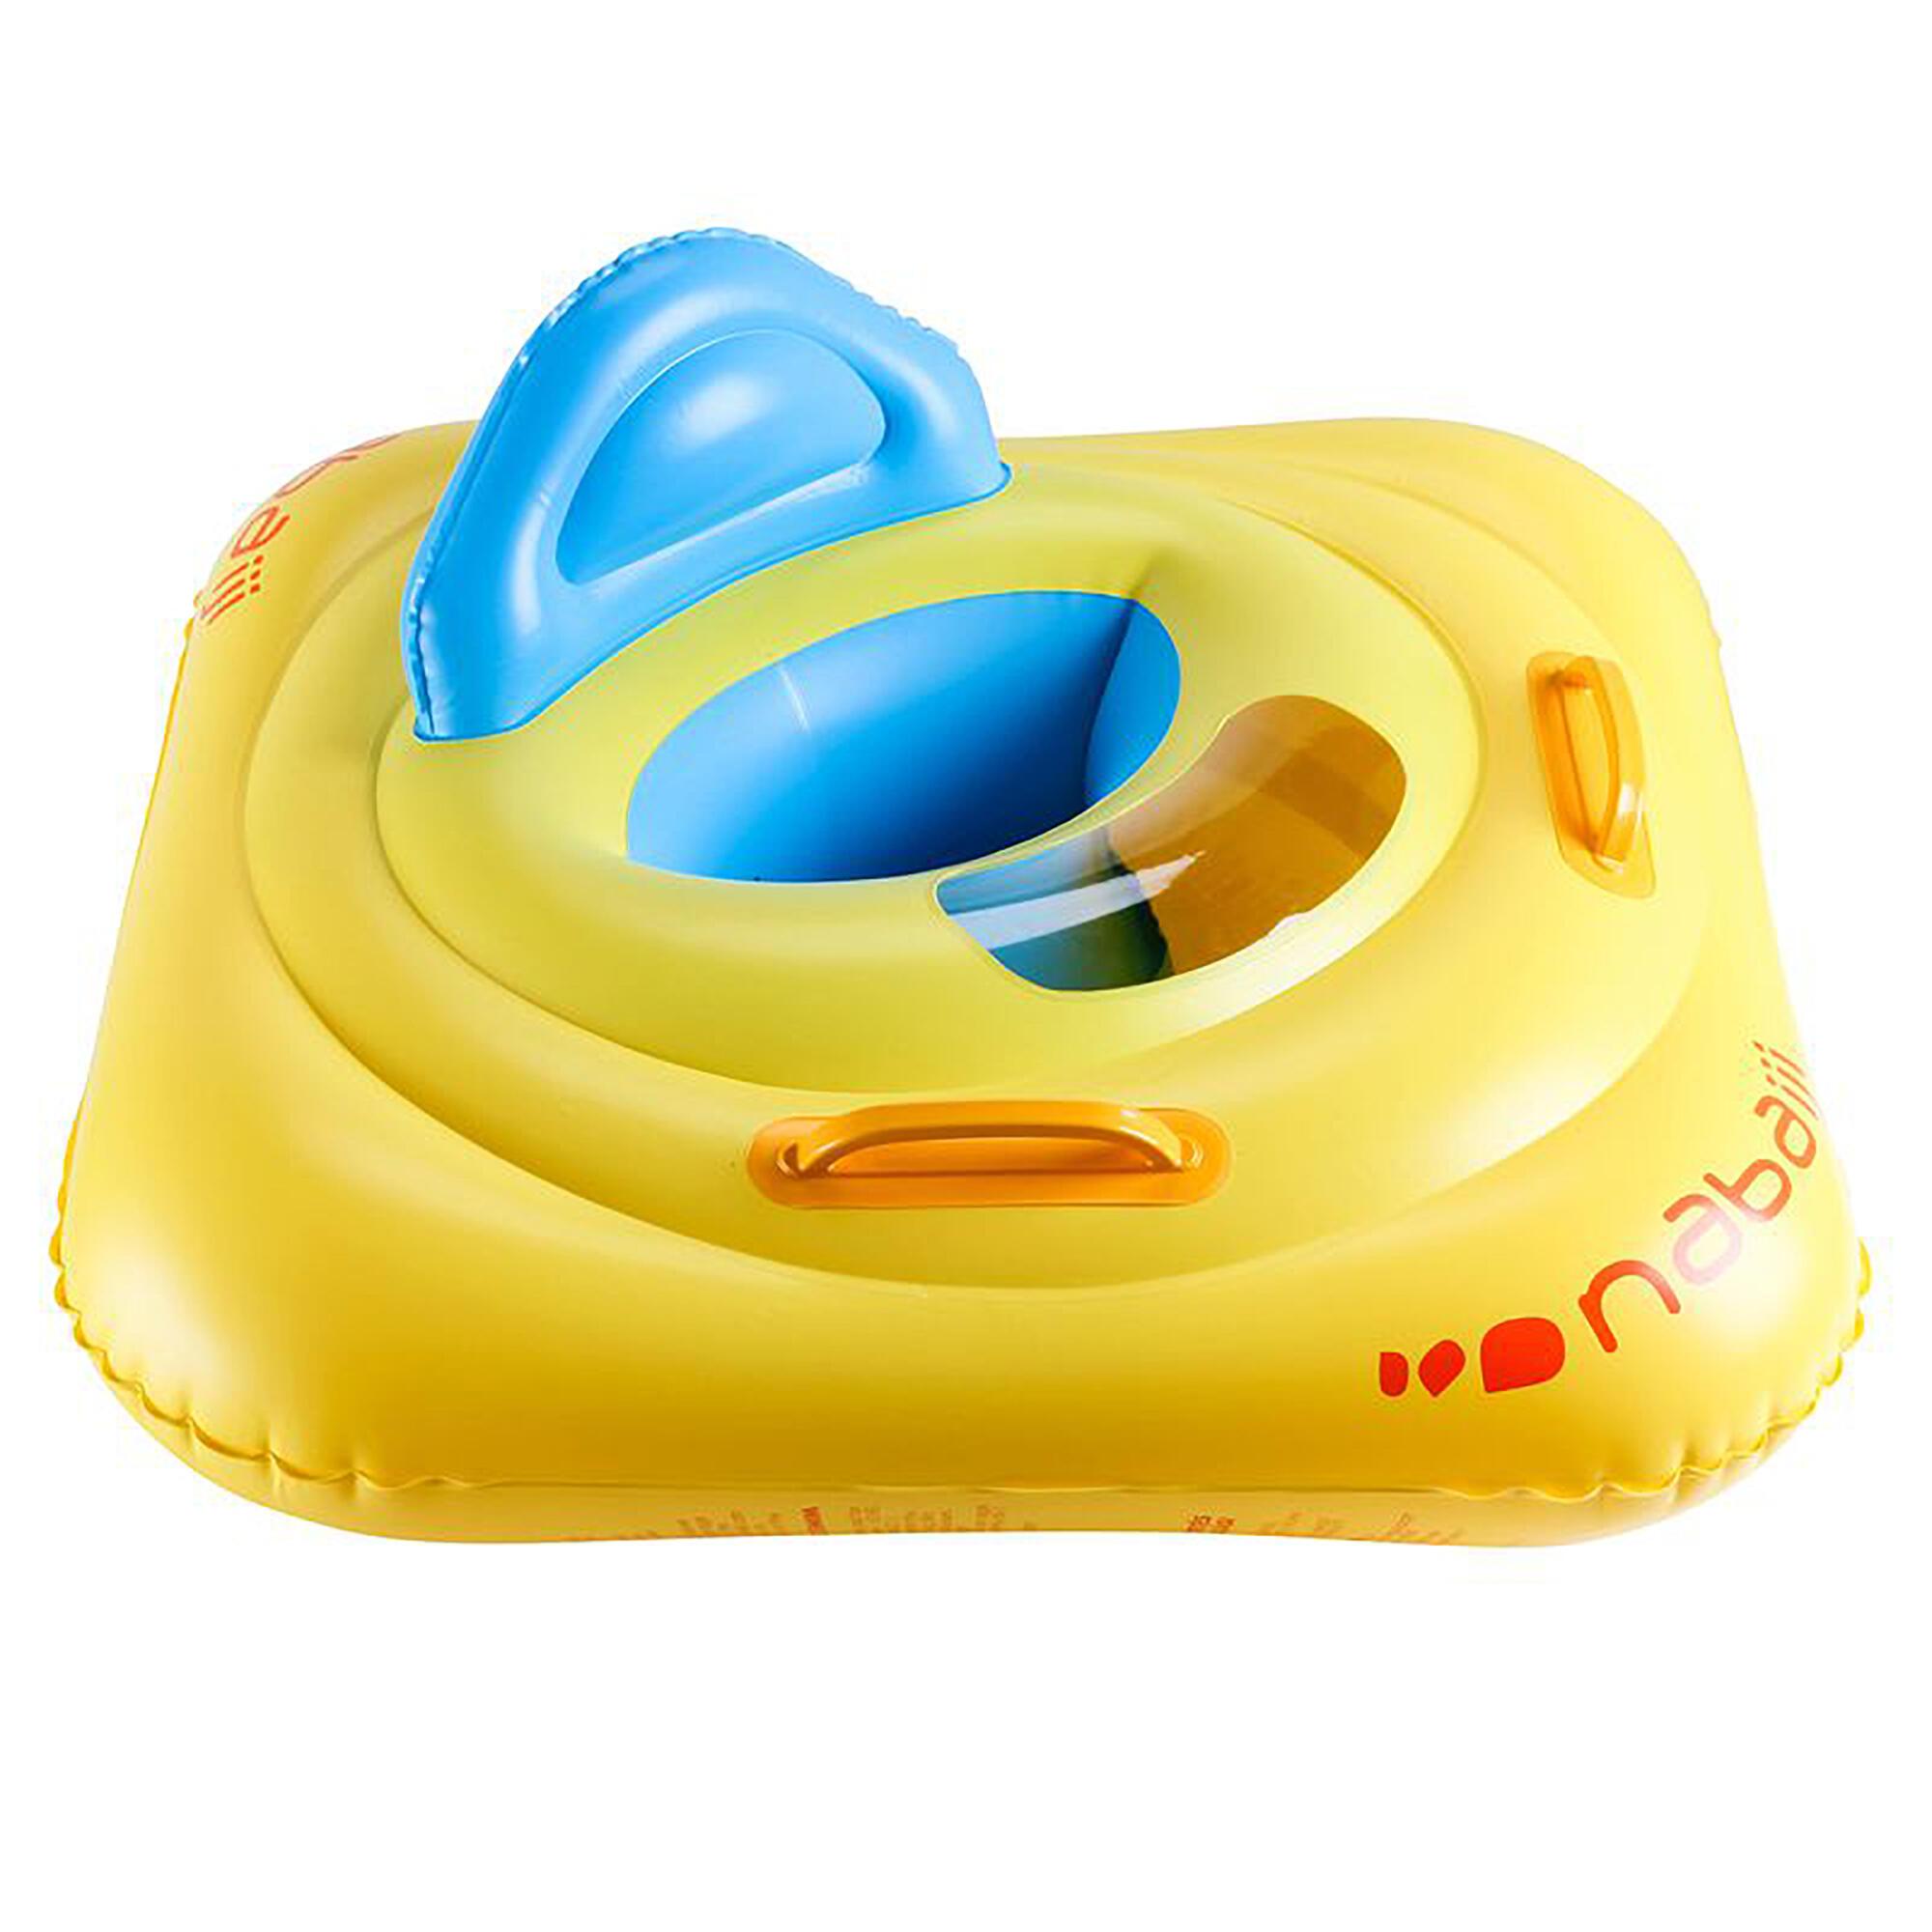 Yellow baby seat...